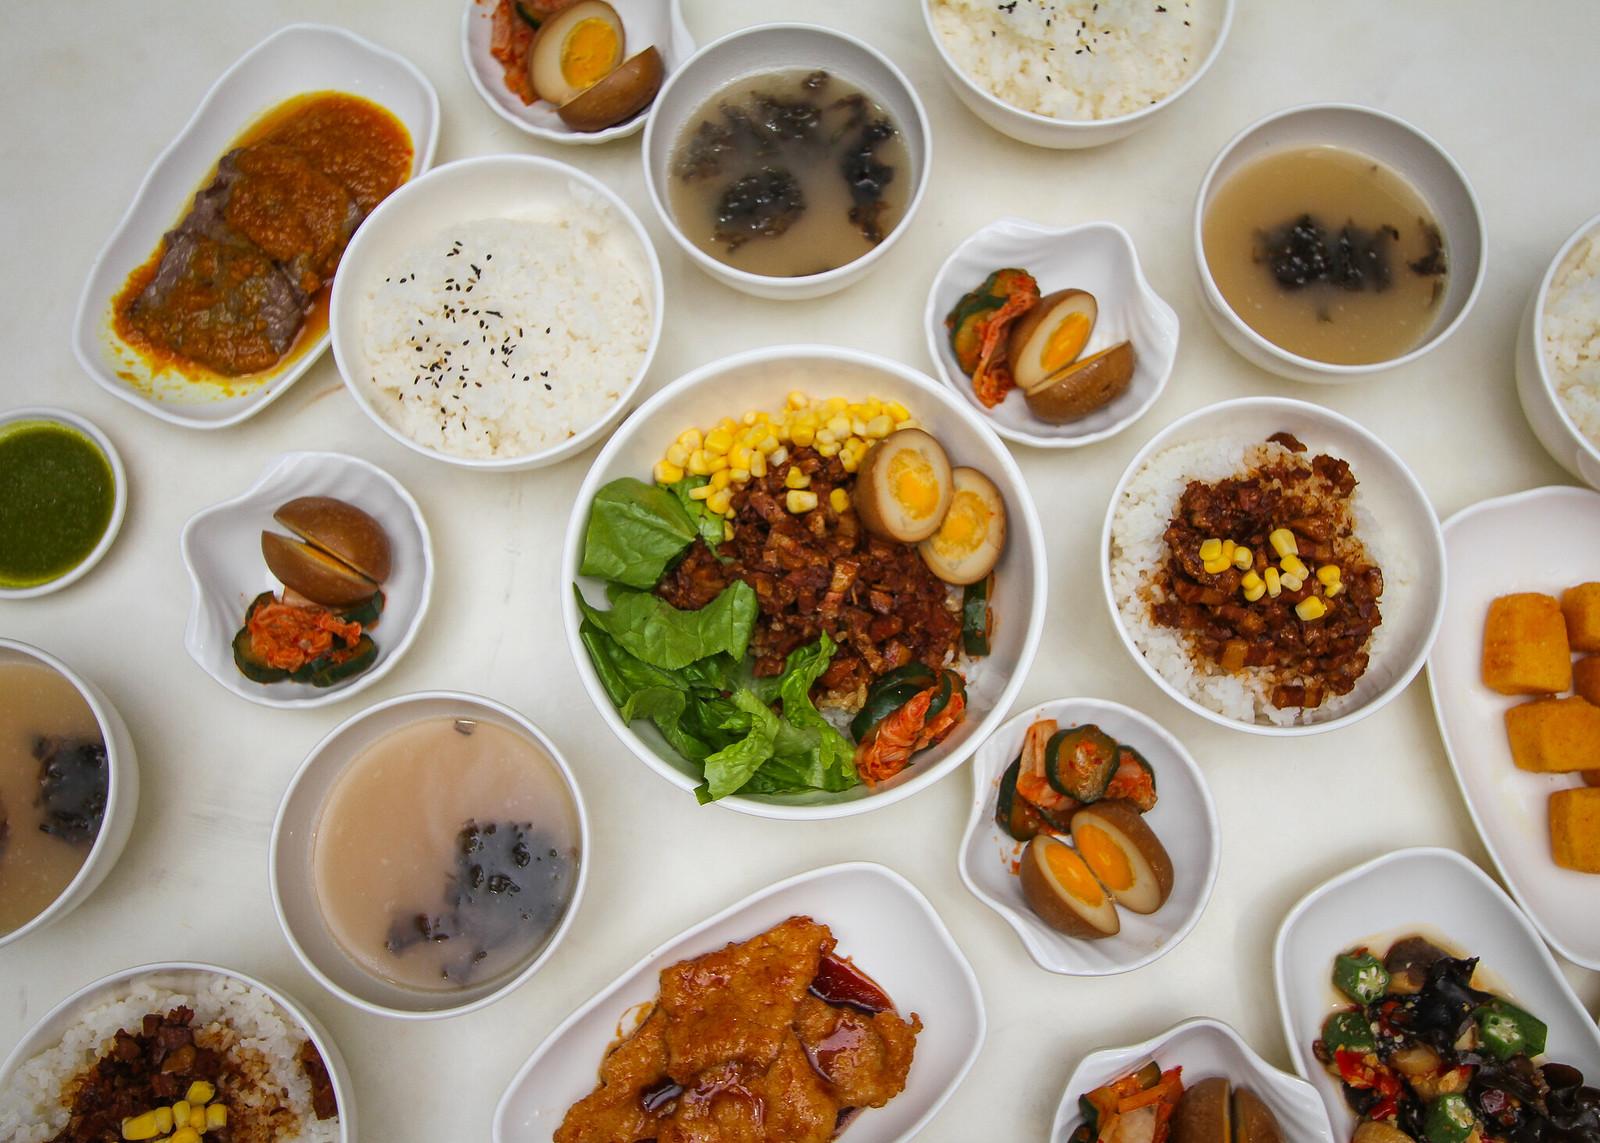 Taste of Taiwan - Menu